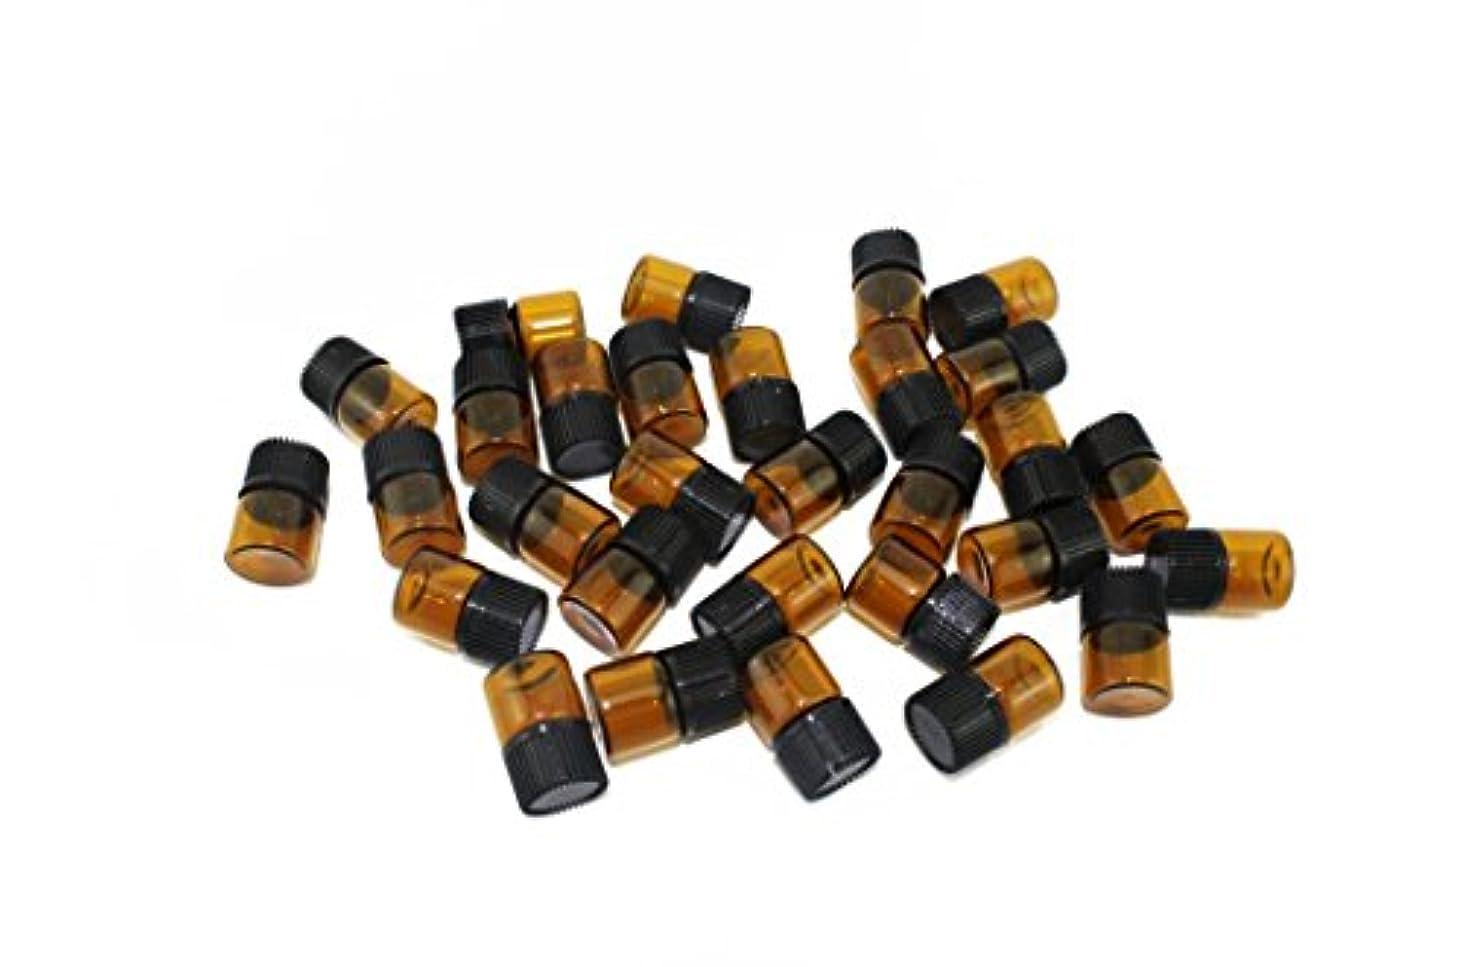 溶かす受け入れサーマルnaissant アロマオイル 遮光瓶 30個セット エッセンシャルオイル 保存用 保存容器 茶色 ブラウン (1ml?30本セット)